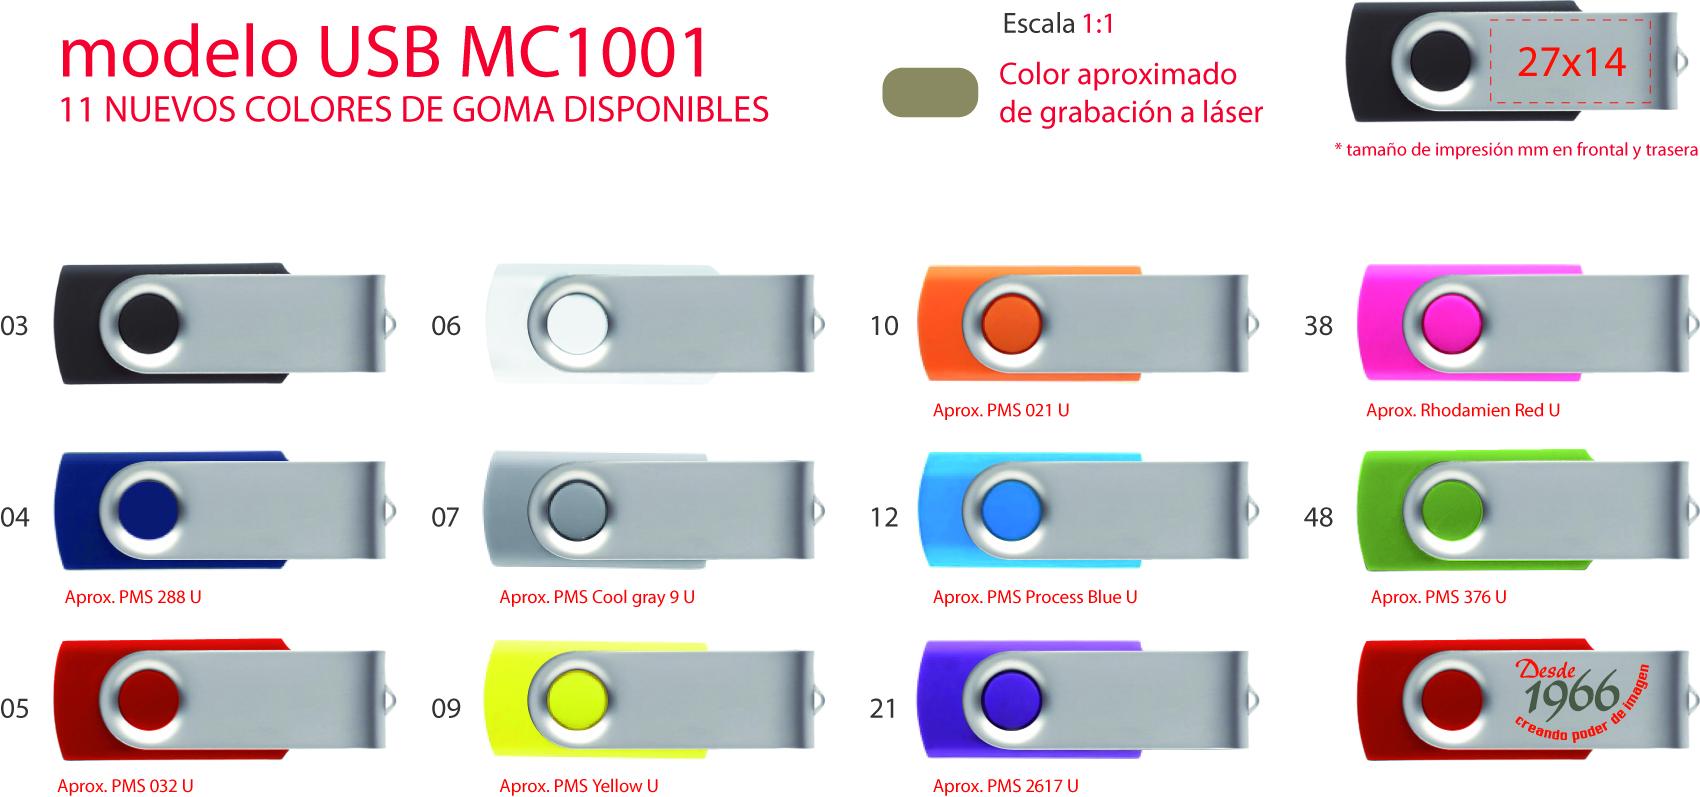 Modelo USB MC1001